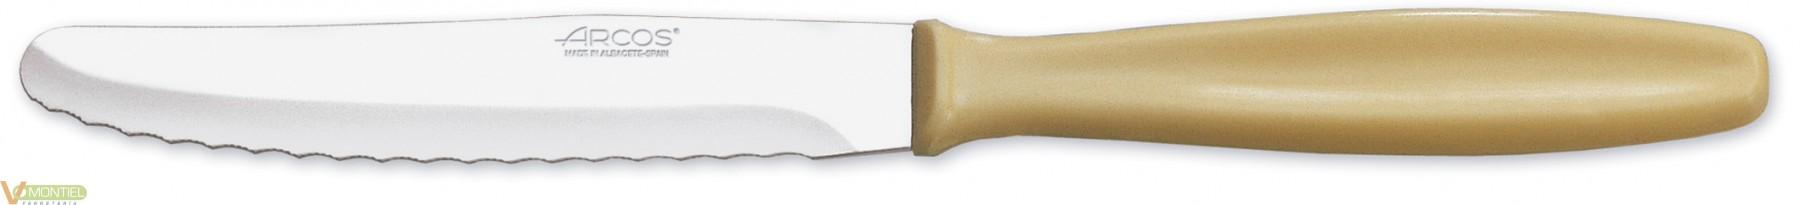 Cuchillo postre 105mm-0